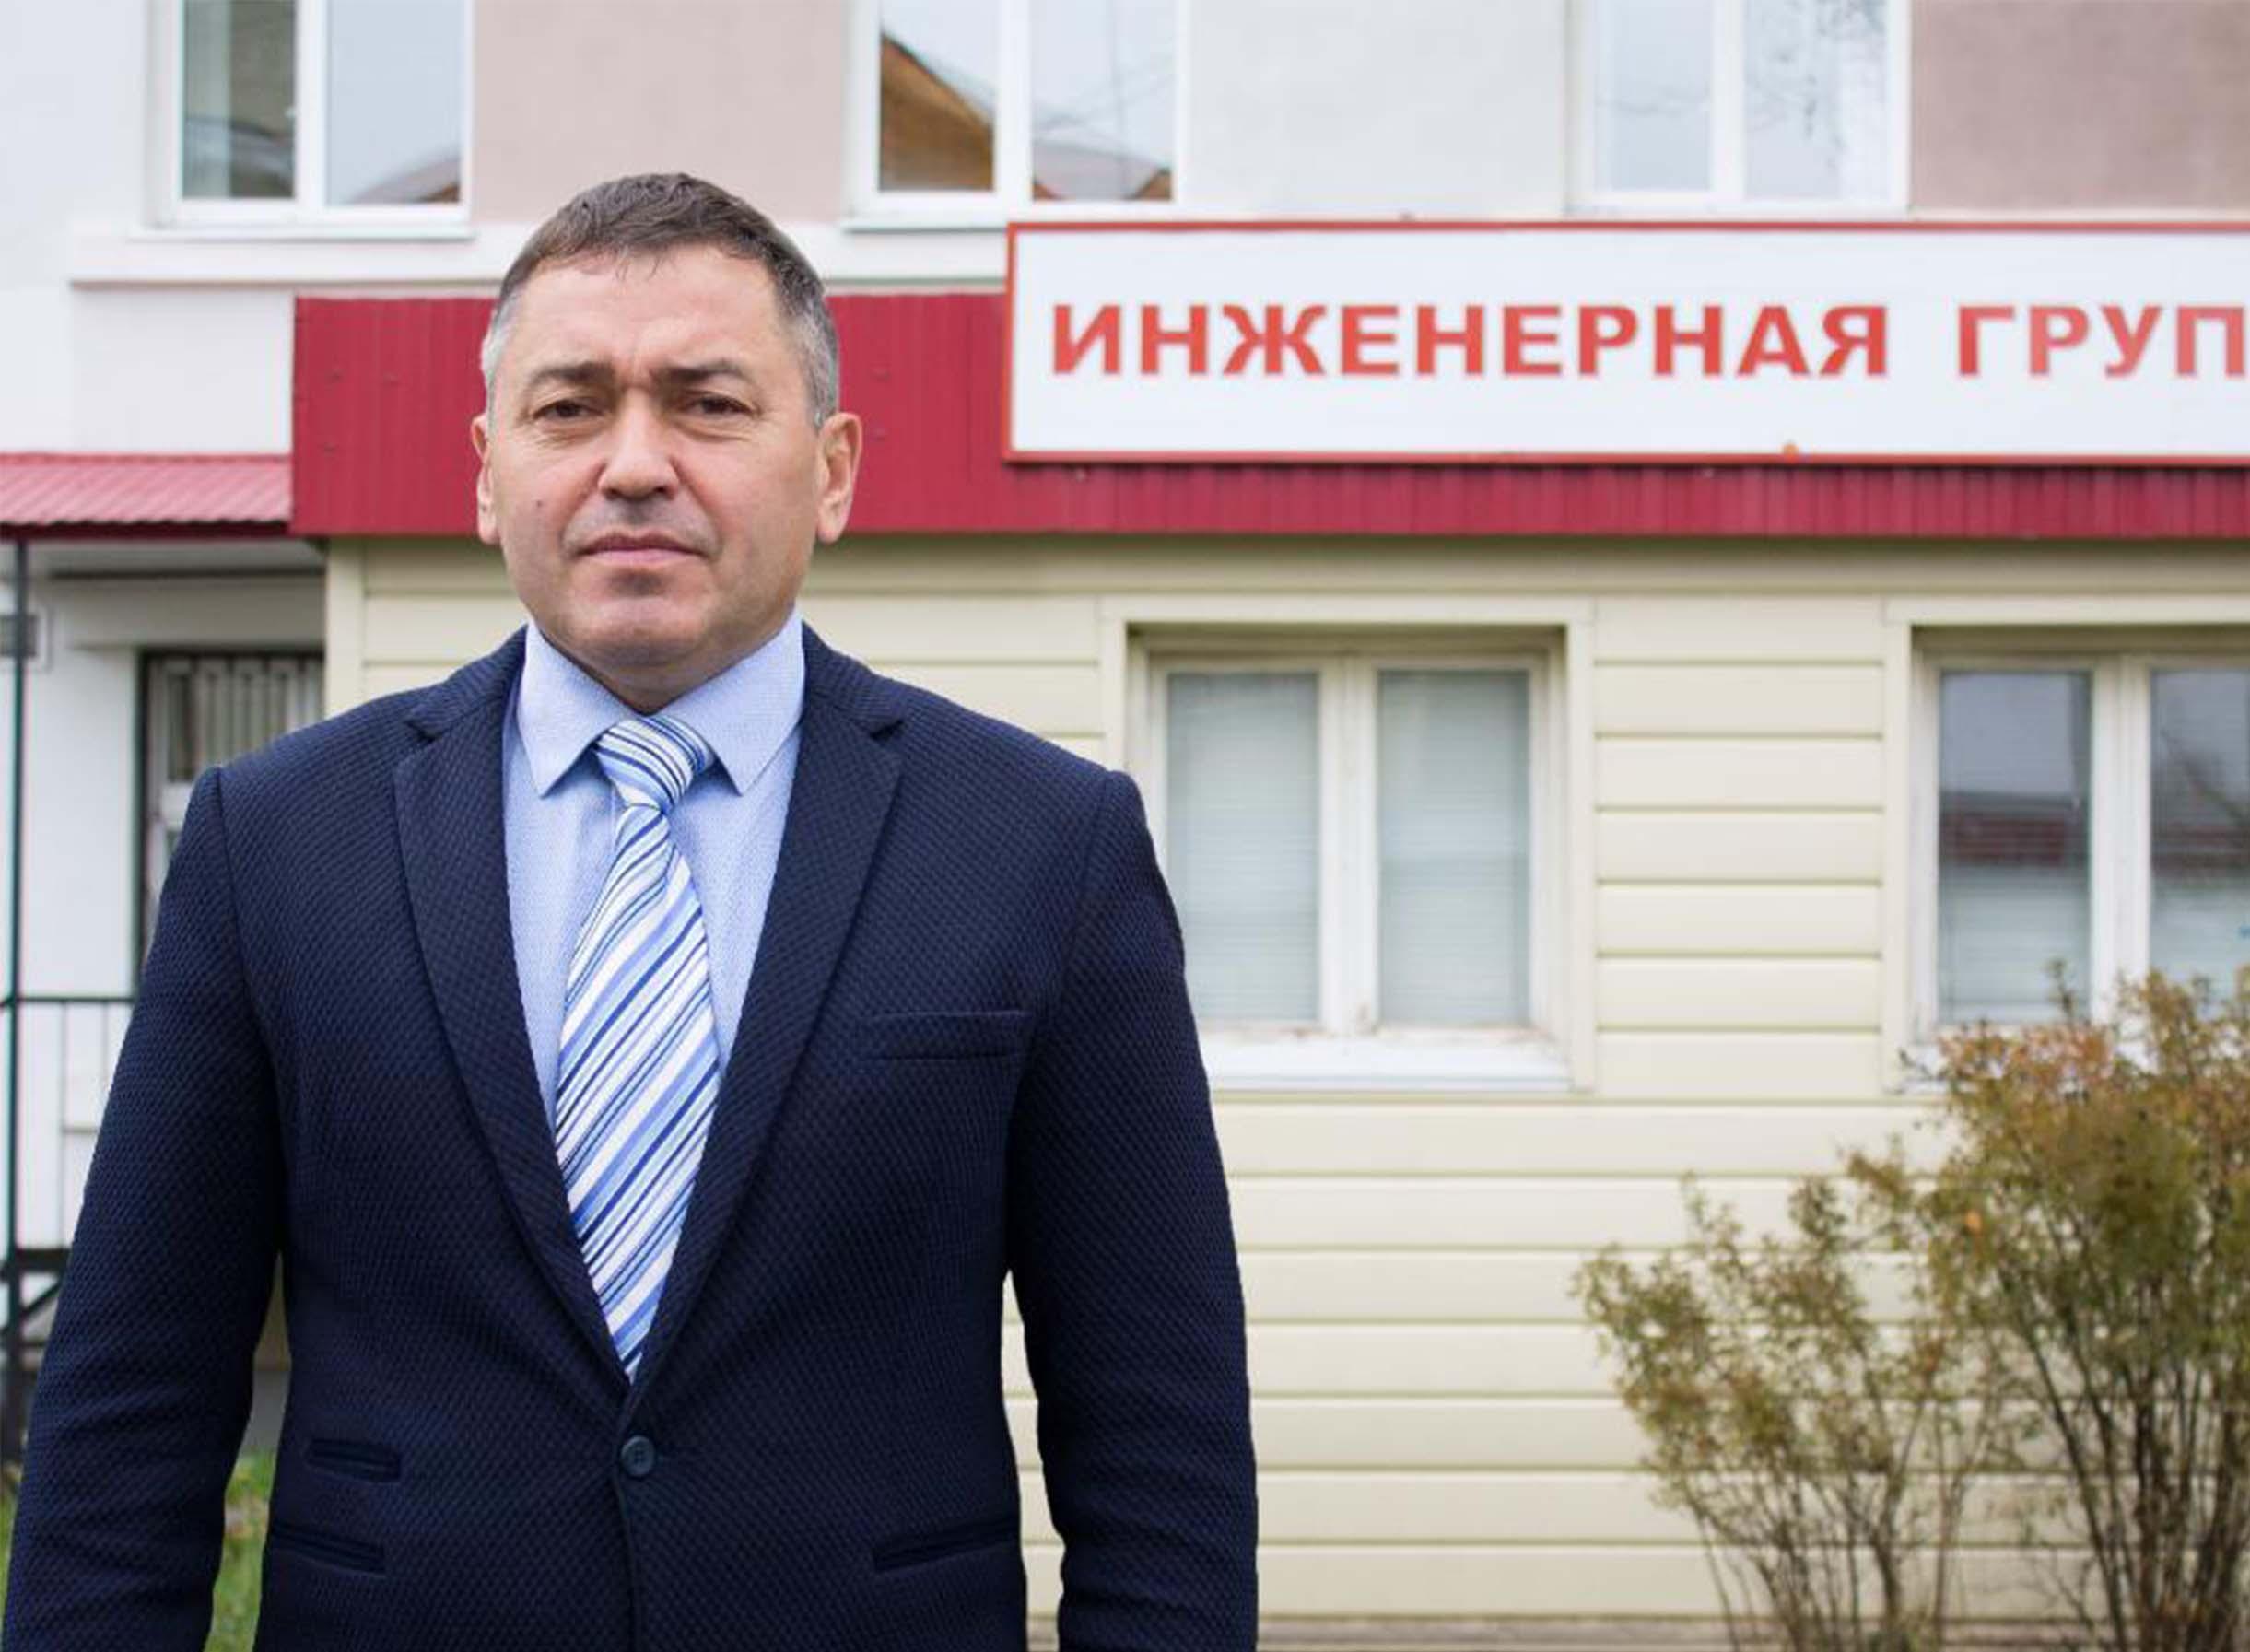 Горнышев Роберт Геннадьевич